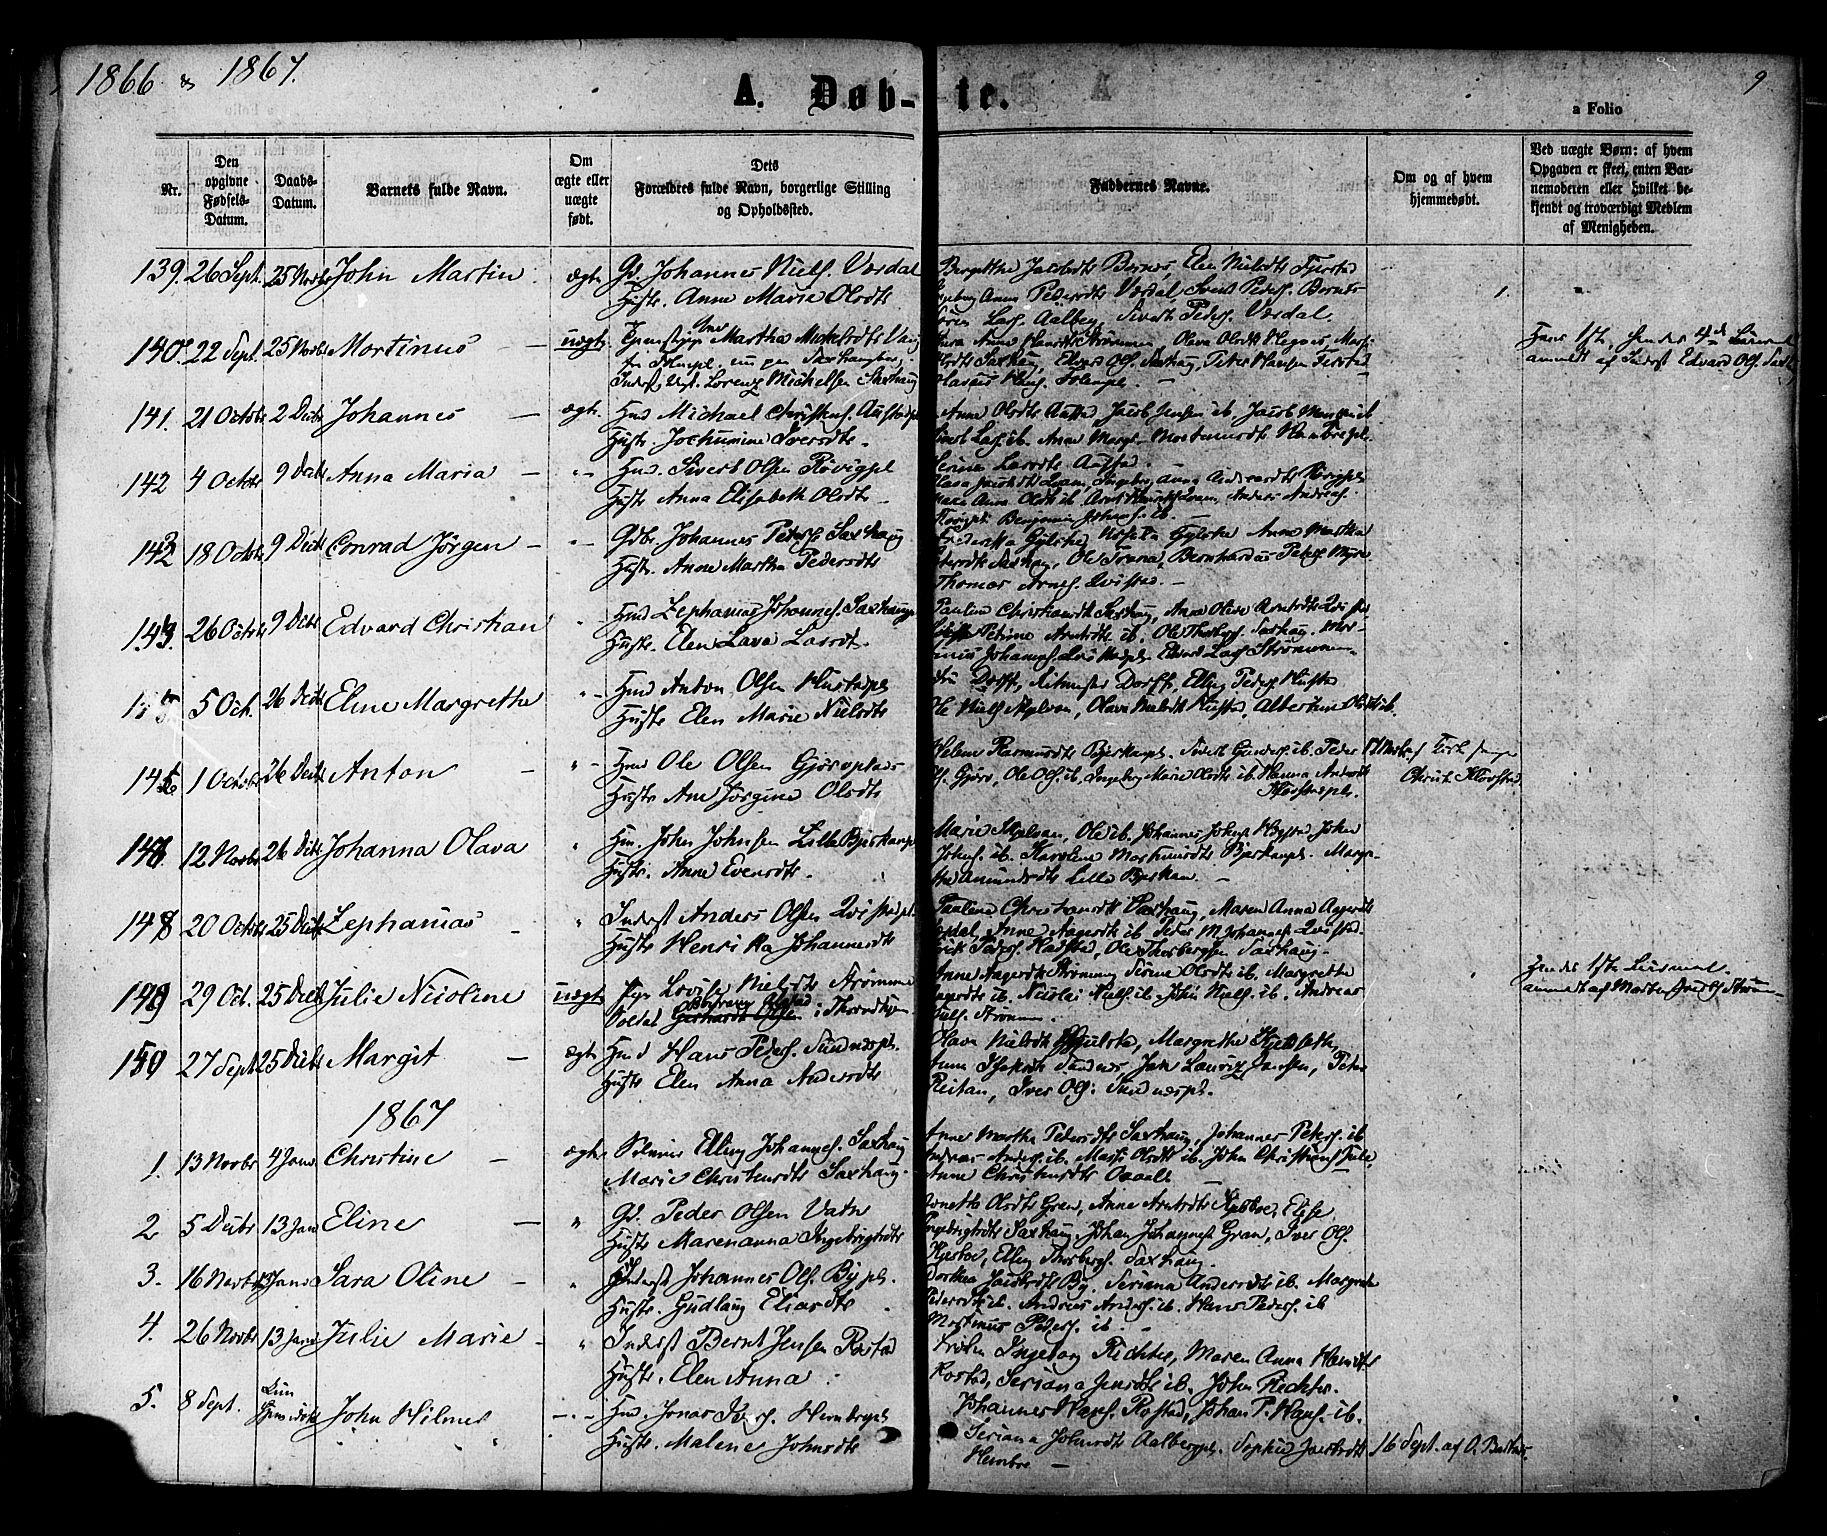 SAT, Ministerialprotokoller, klokkerbøker og fødselsregistre - Nord-Trøndelag, 730/L0284: Ministerialbok nr. 730A09, 1866-1878, s. 9